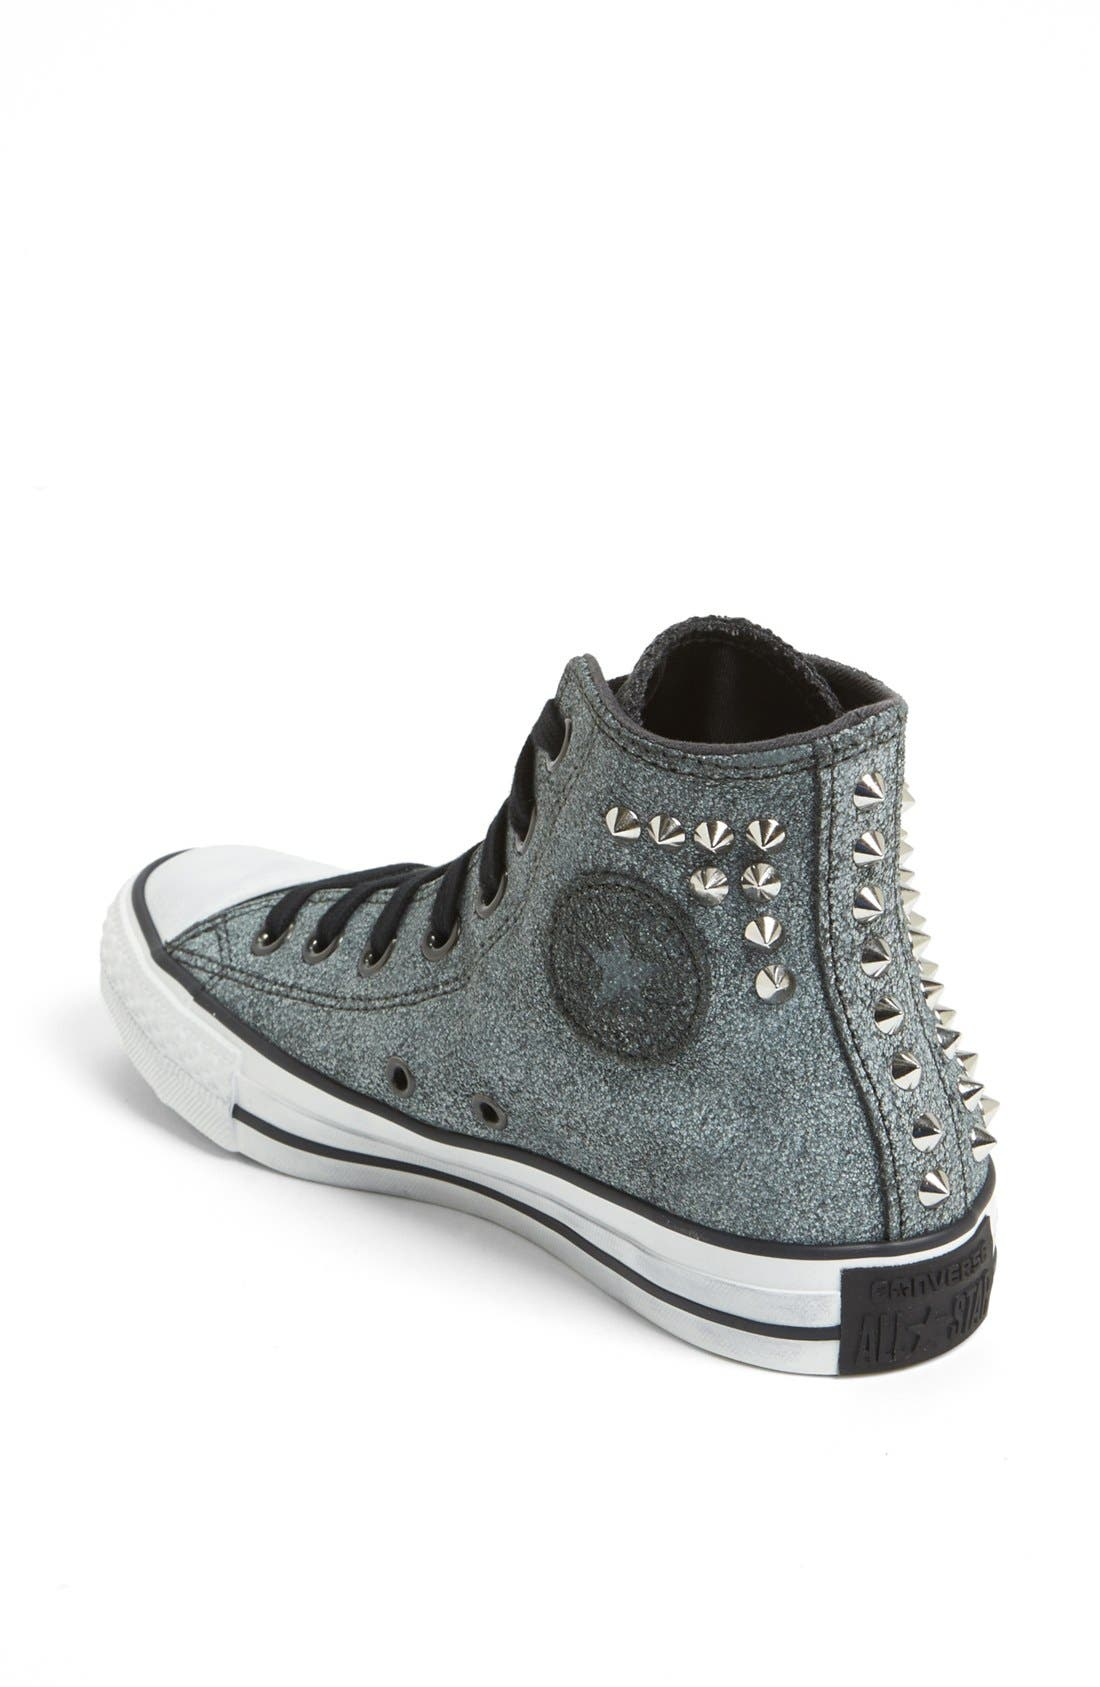 Alternate Image 2  - Converse Chuck Taylor® All Star® 'Collar Studs' High Top Sneaker (Women)